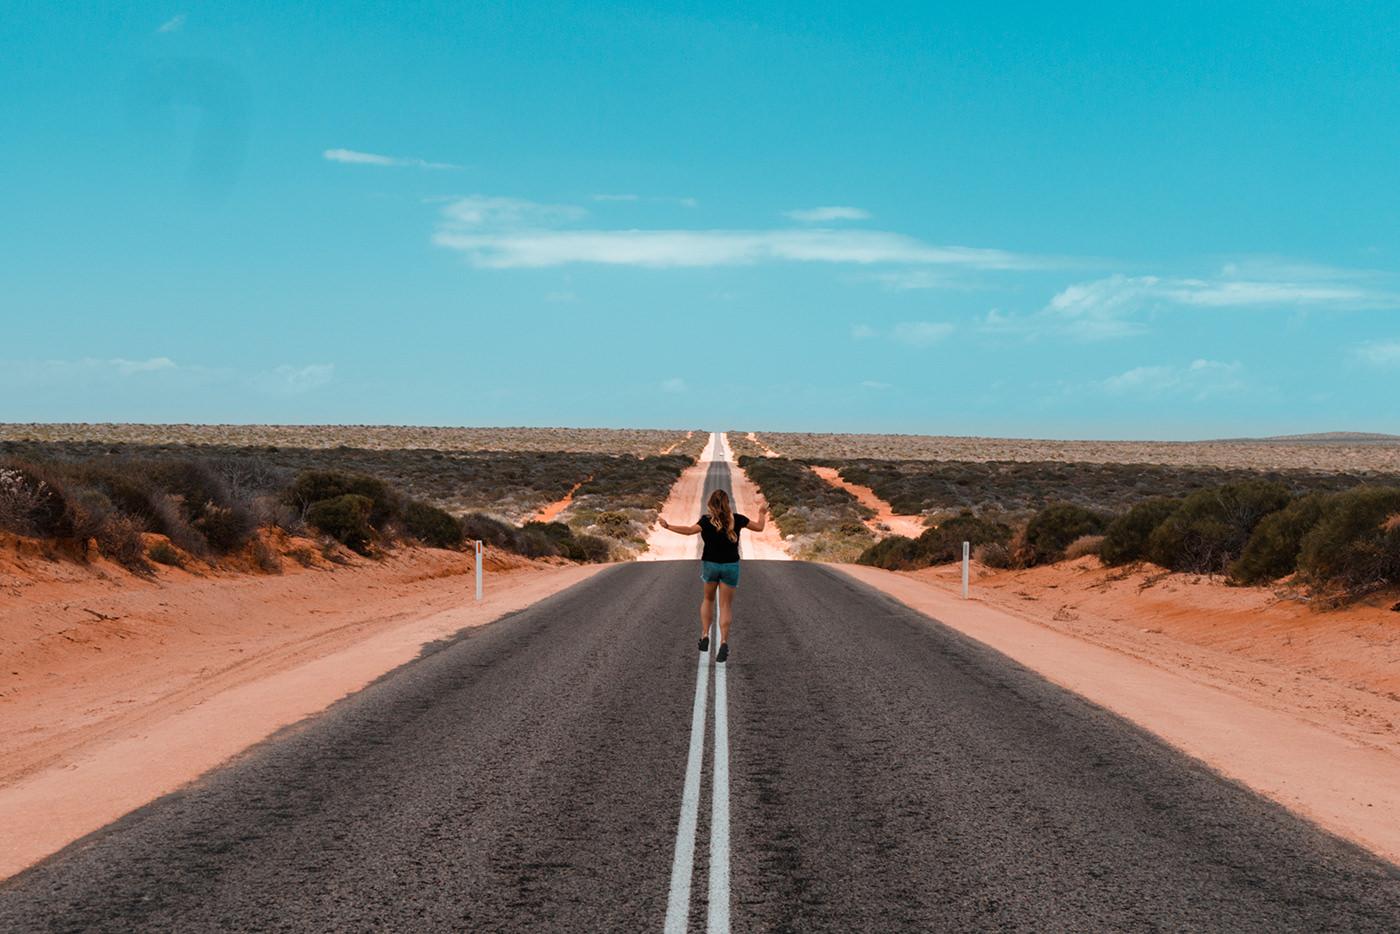 Endlose Straße an der Westküste in Australien